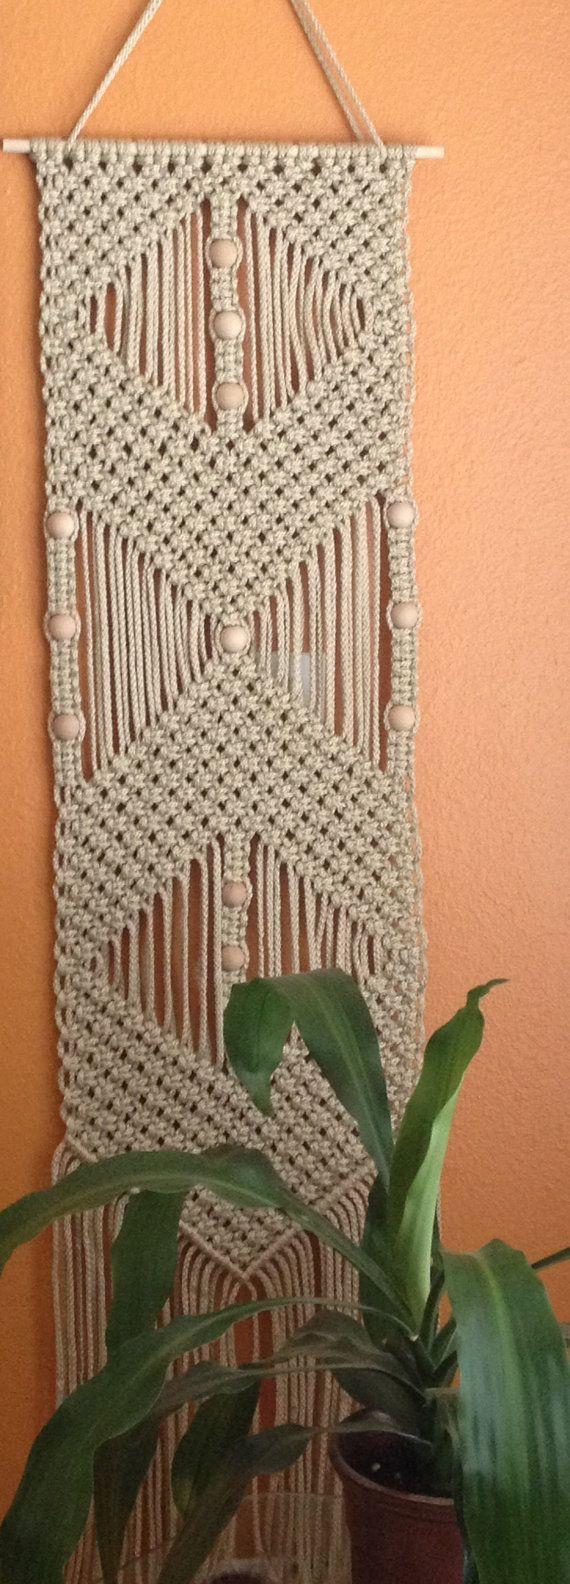 Macramé, tapeçaria, macramé Decoração da casa                              …